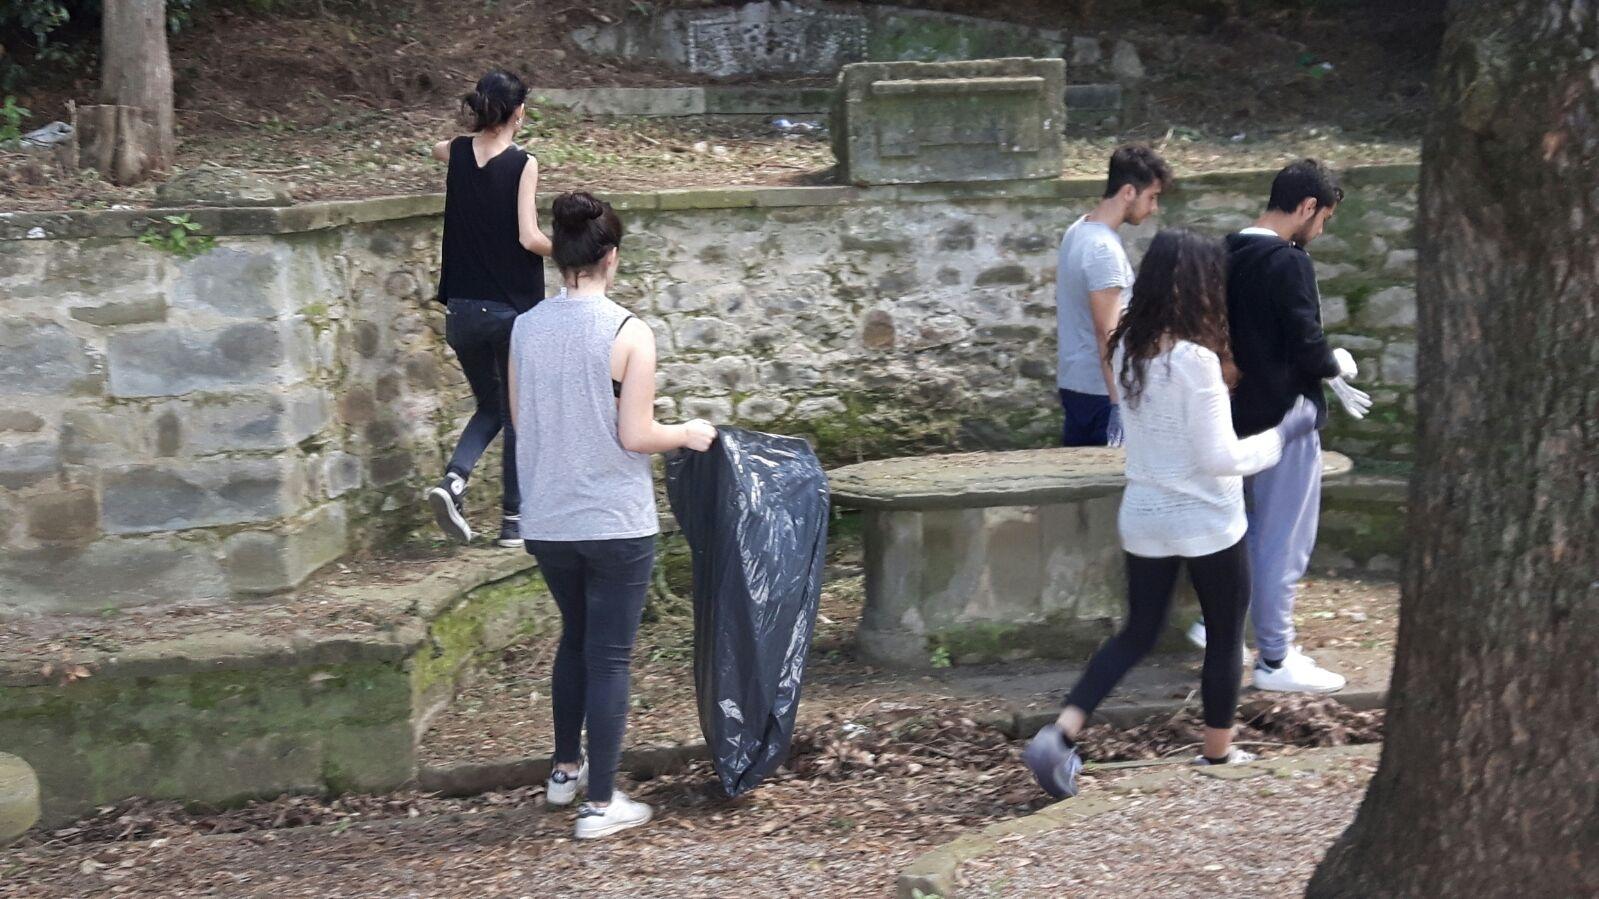 Progetto 'Puliamo i parchi' a Cortona